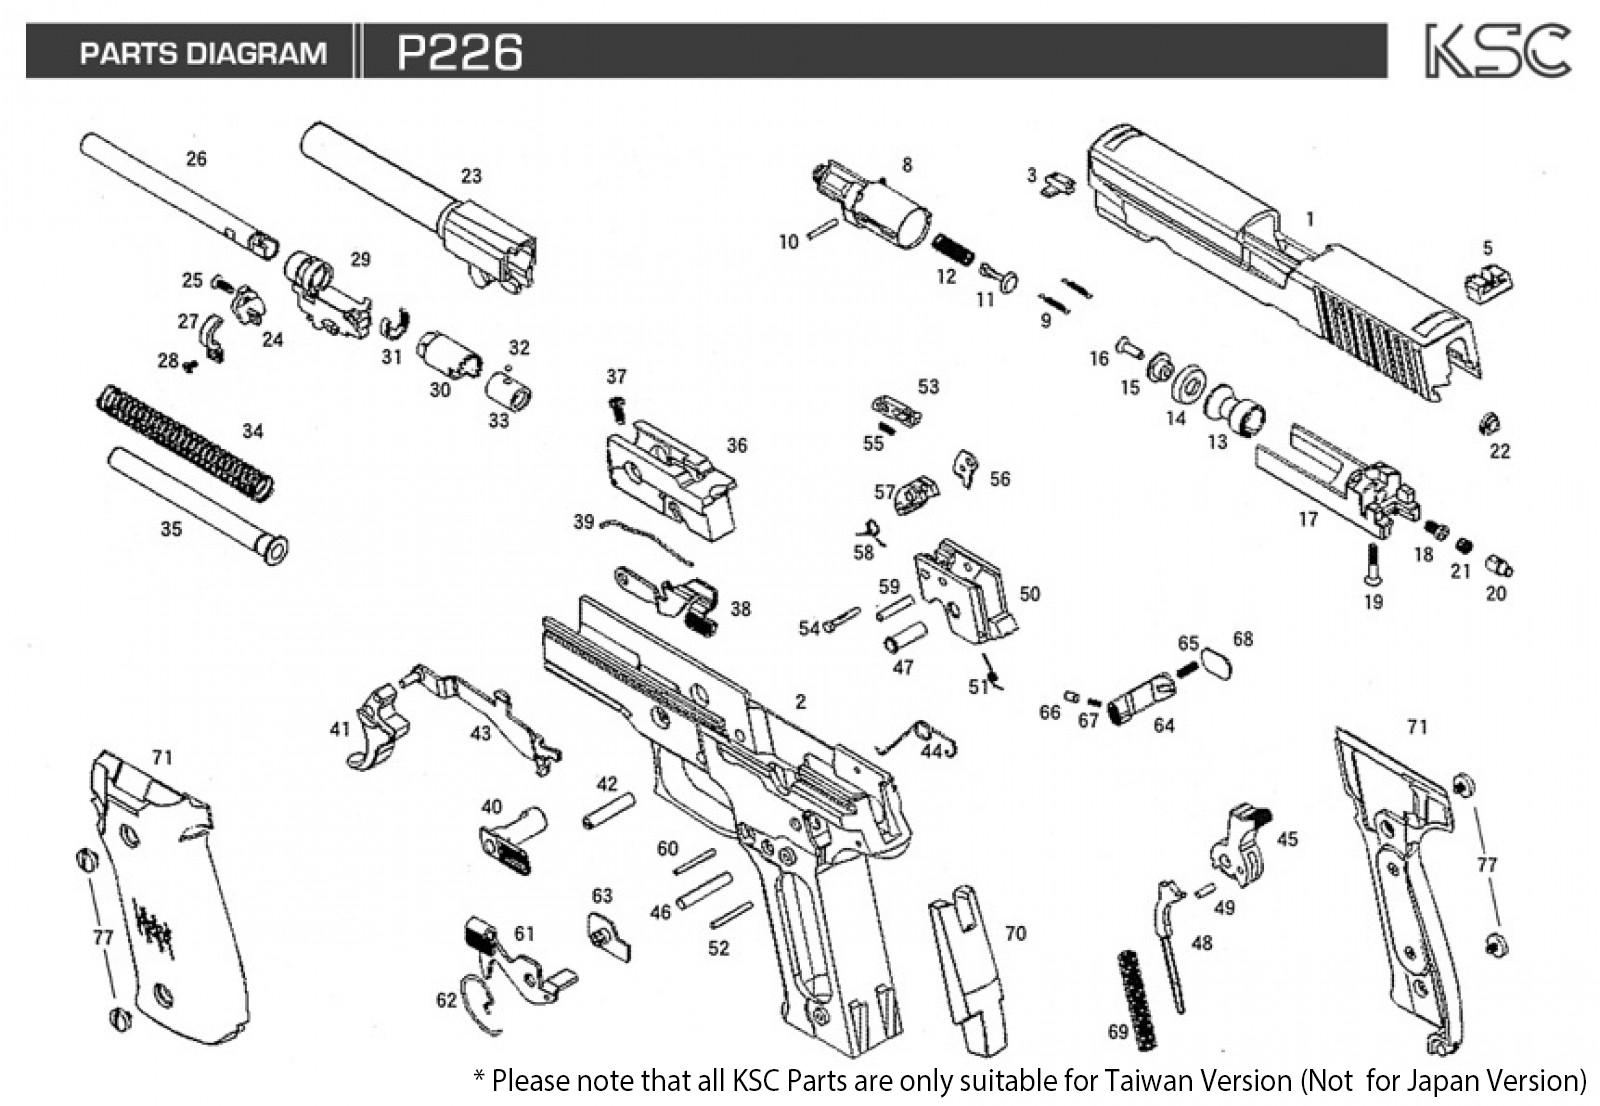 ksc p226 parts